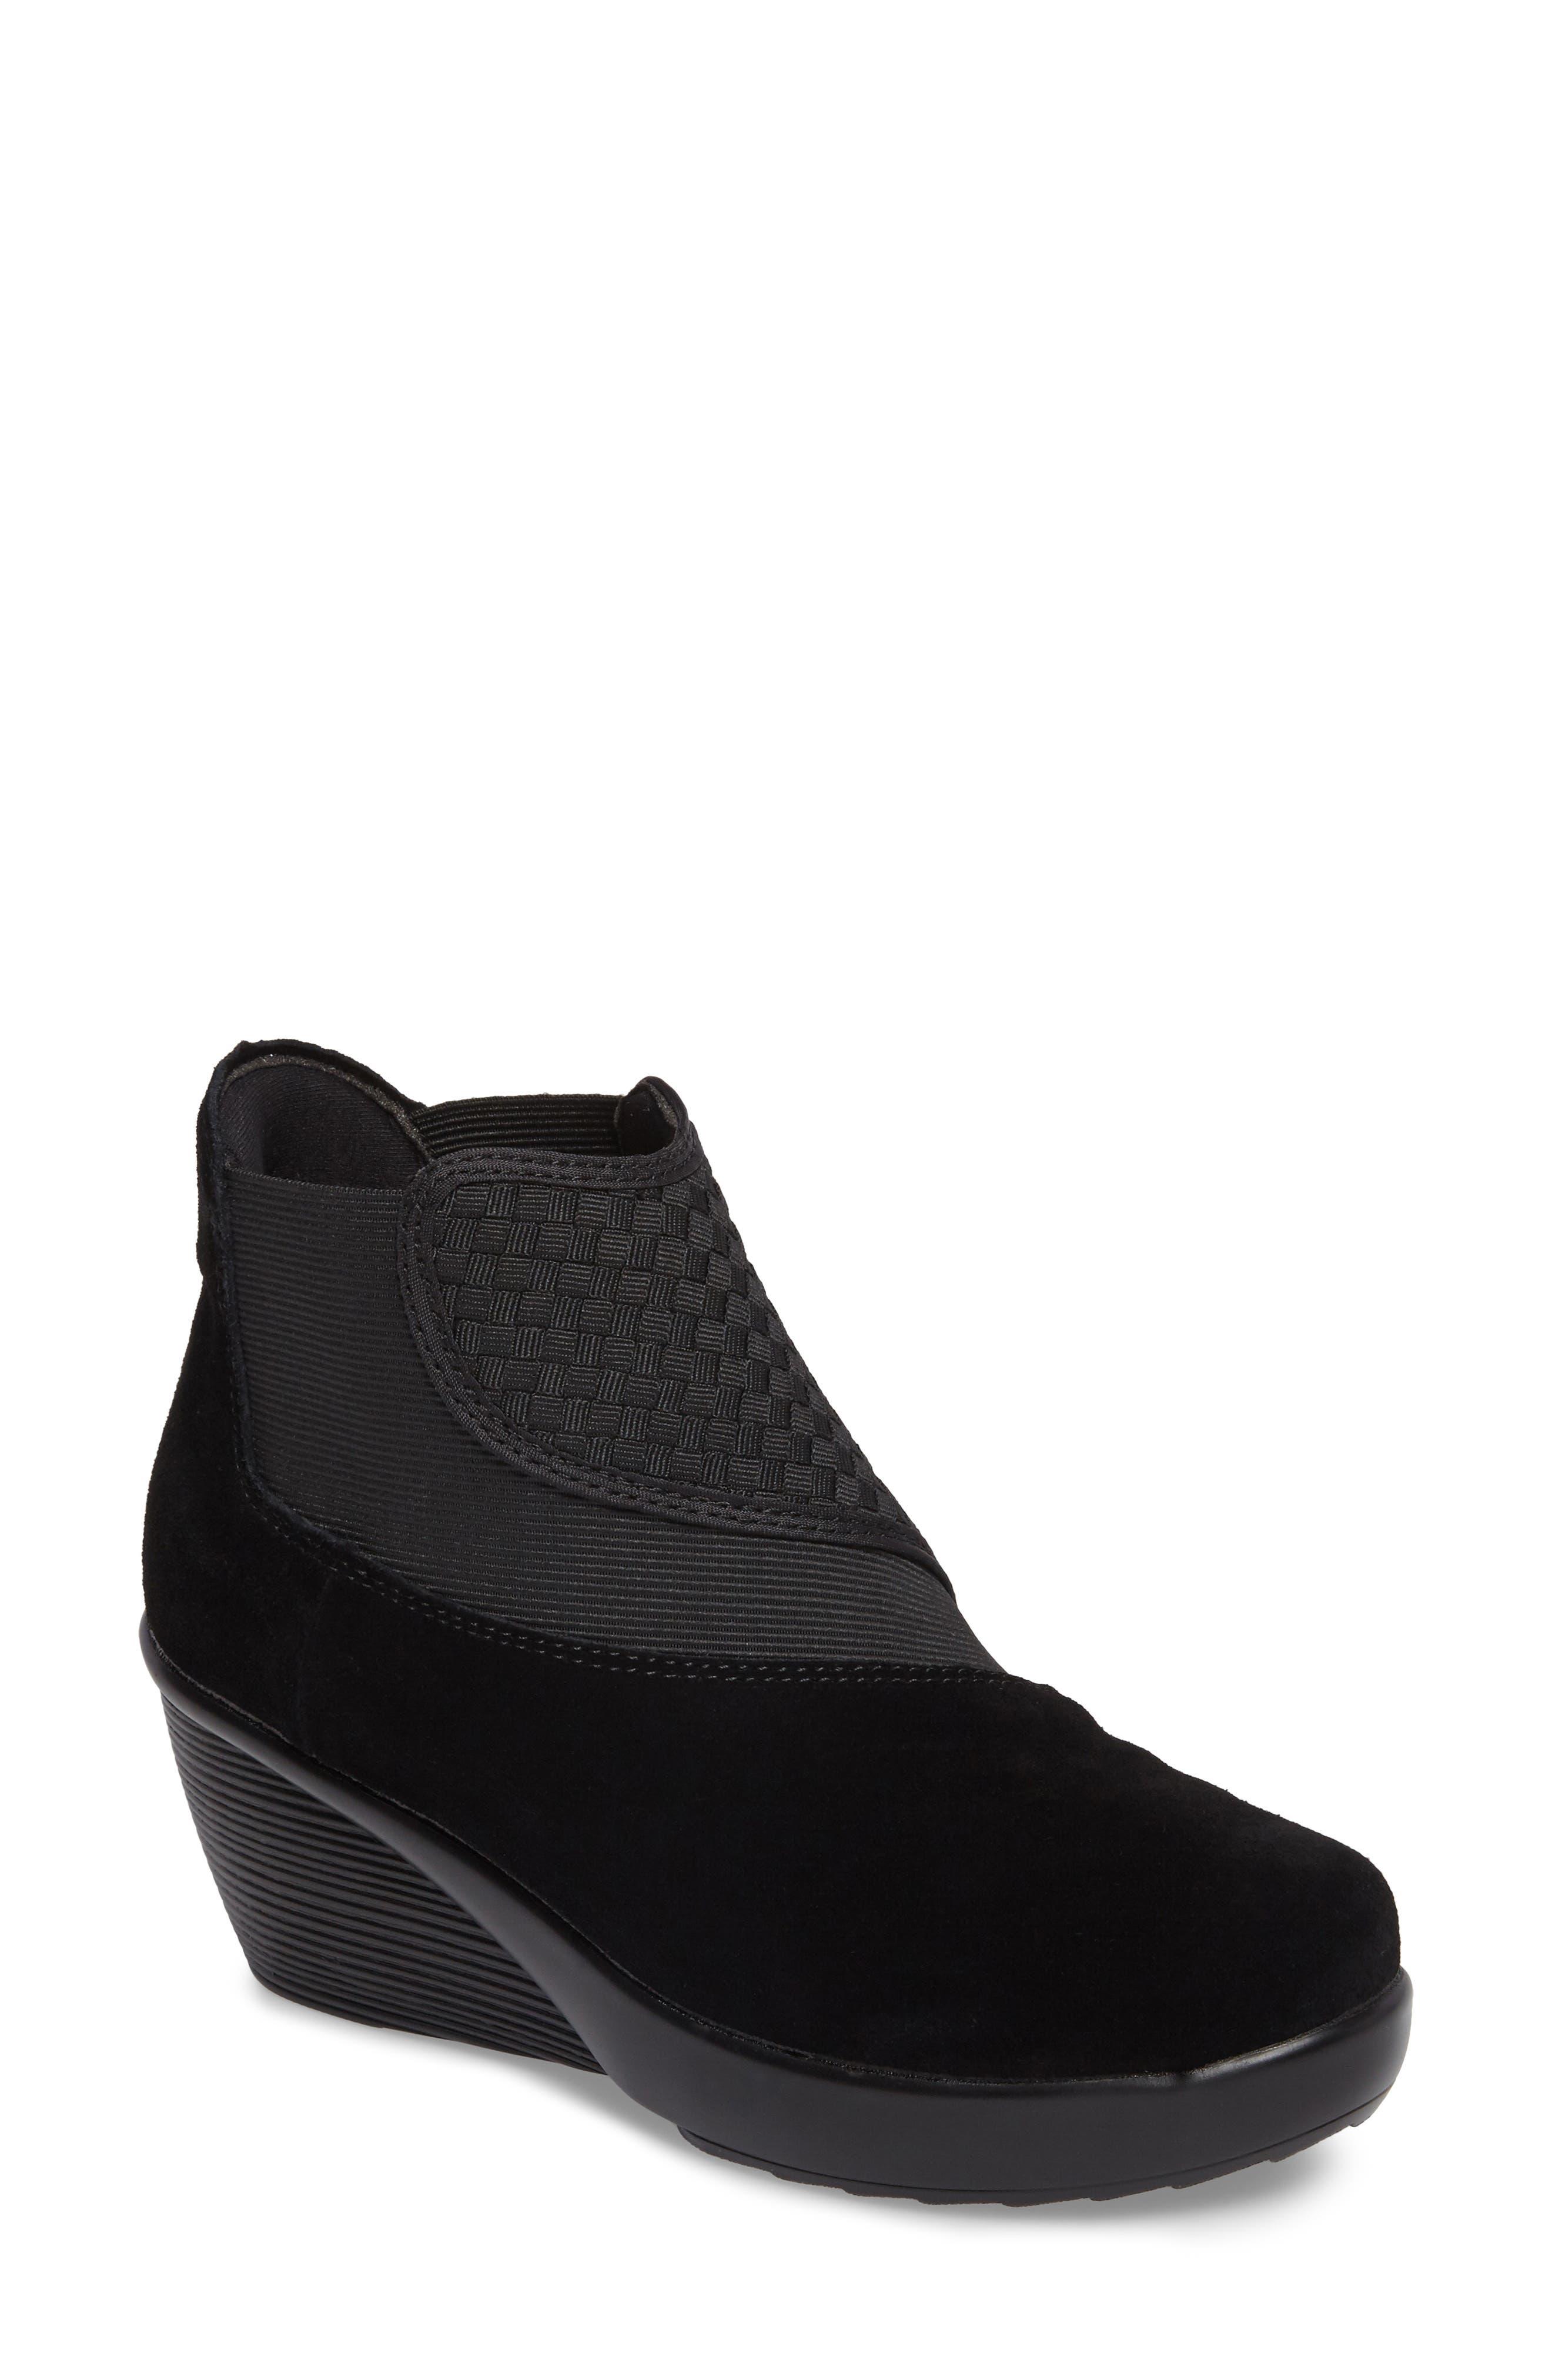 3d0c007dd3 Women's Metallic Booties & Ankle Boots | Nordstrom